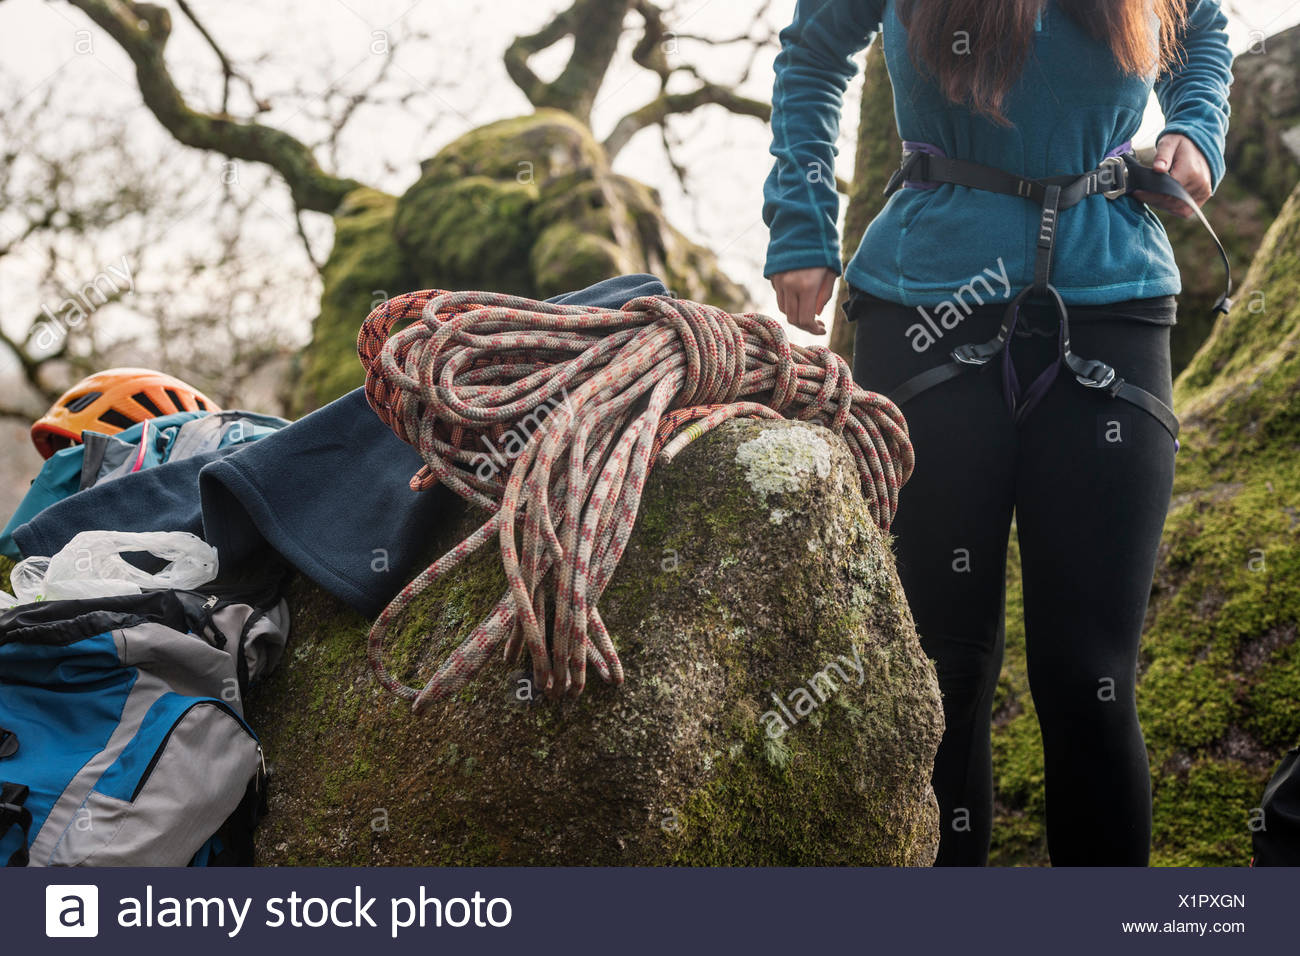 Klettergurt Für Frauen : Frau klettergurt anziehen stockfoto bild alamy